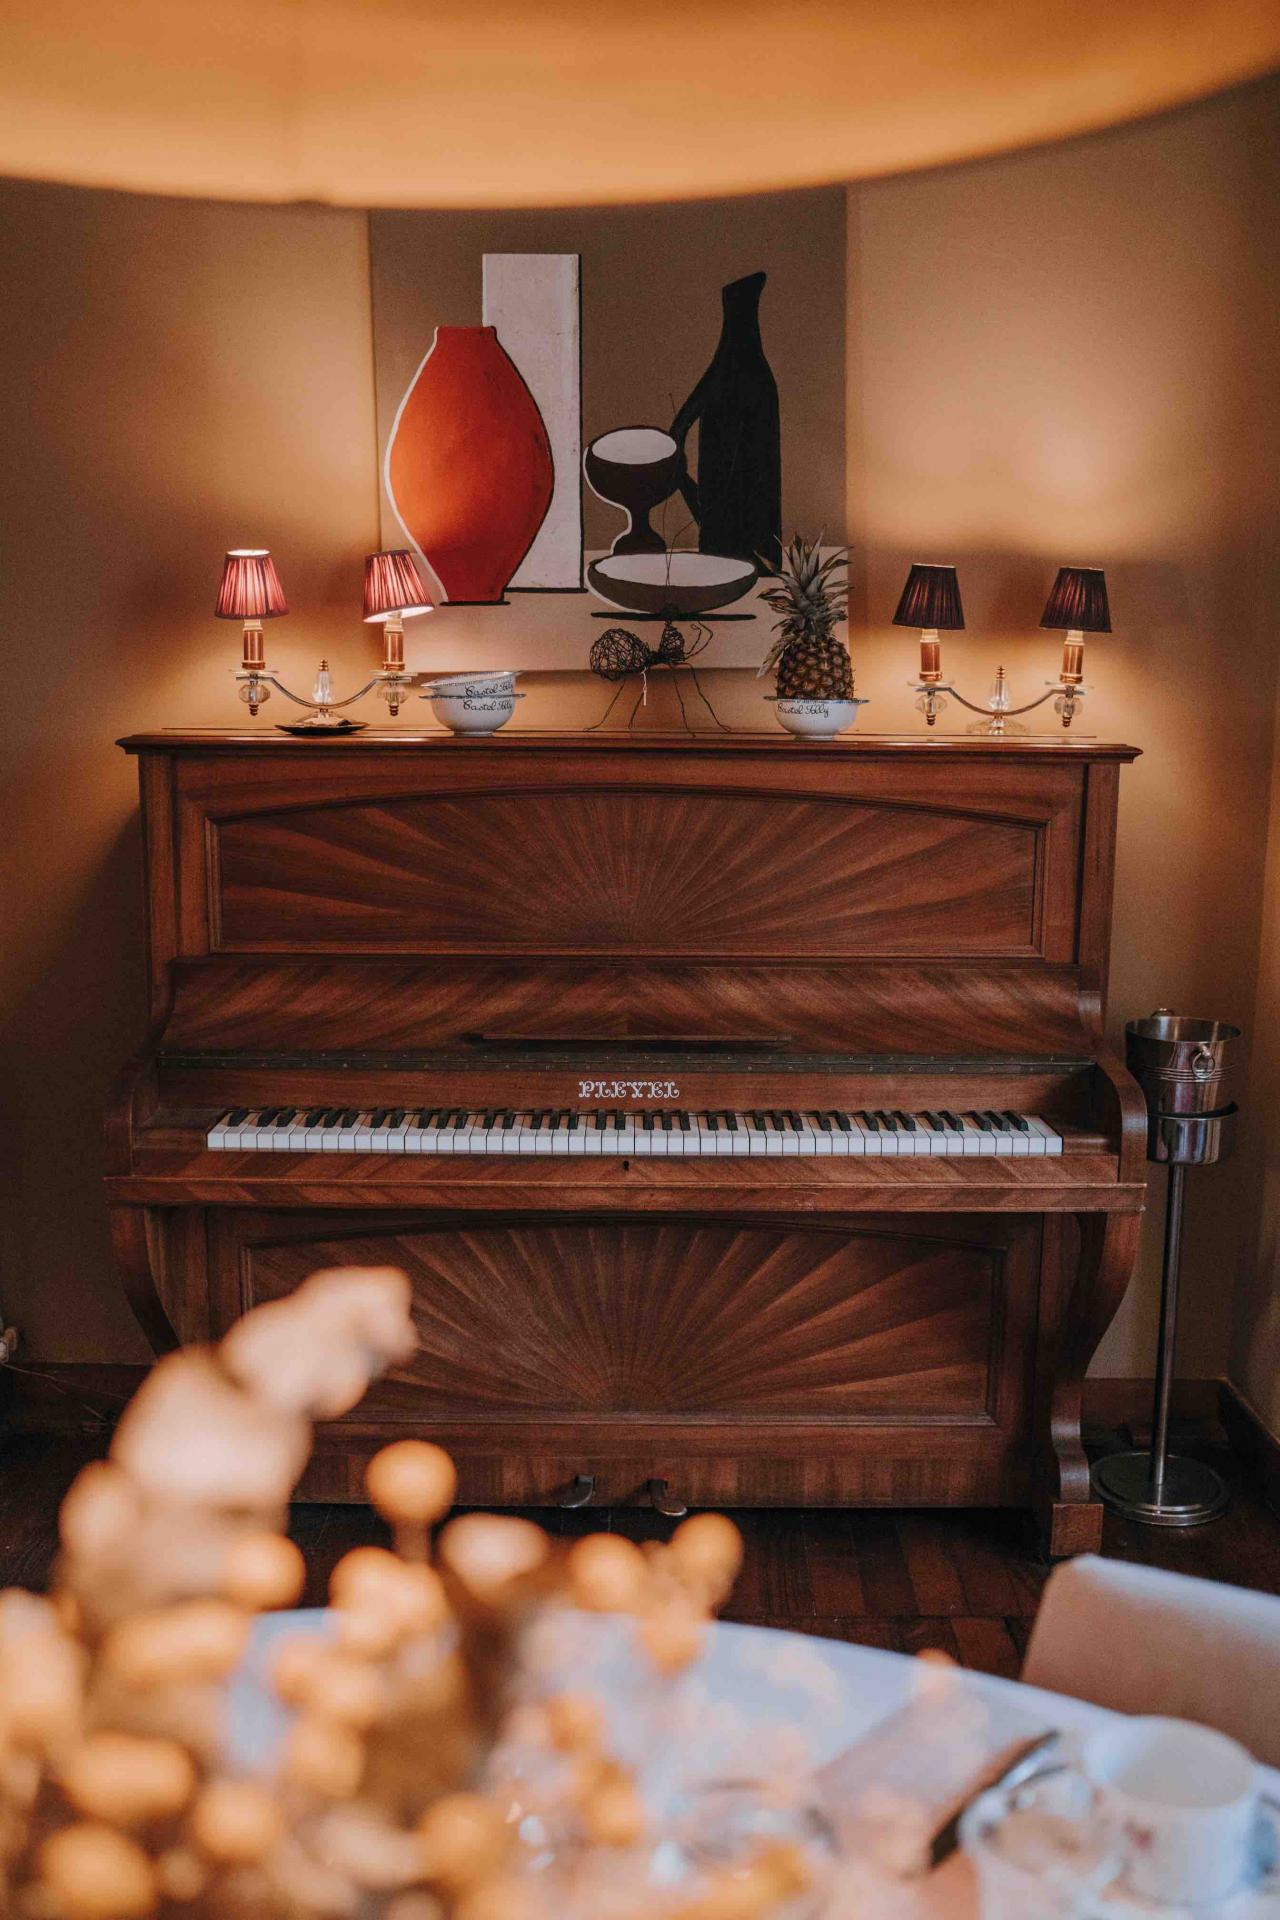 Piano pleyel salon musique